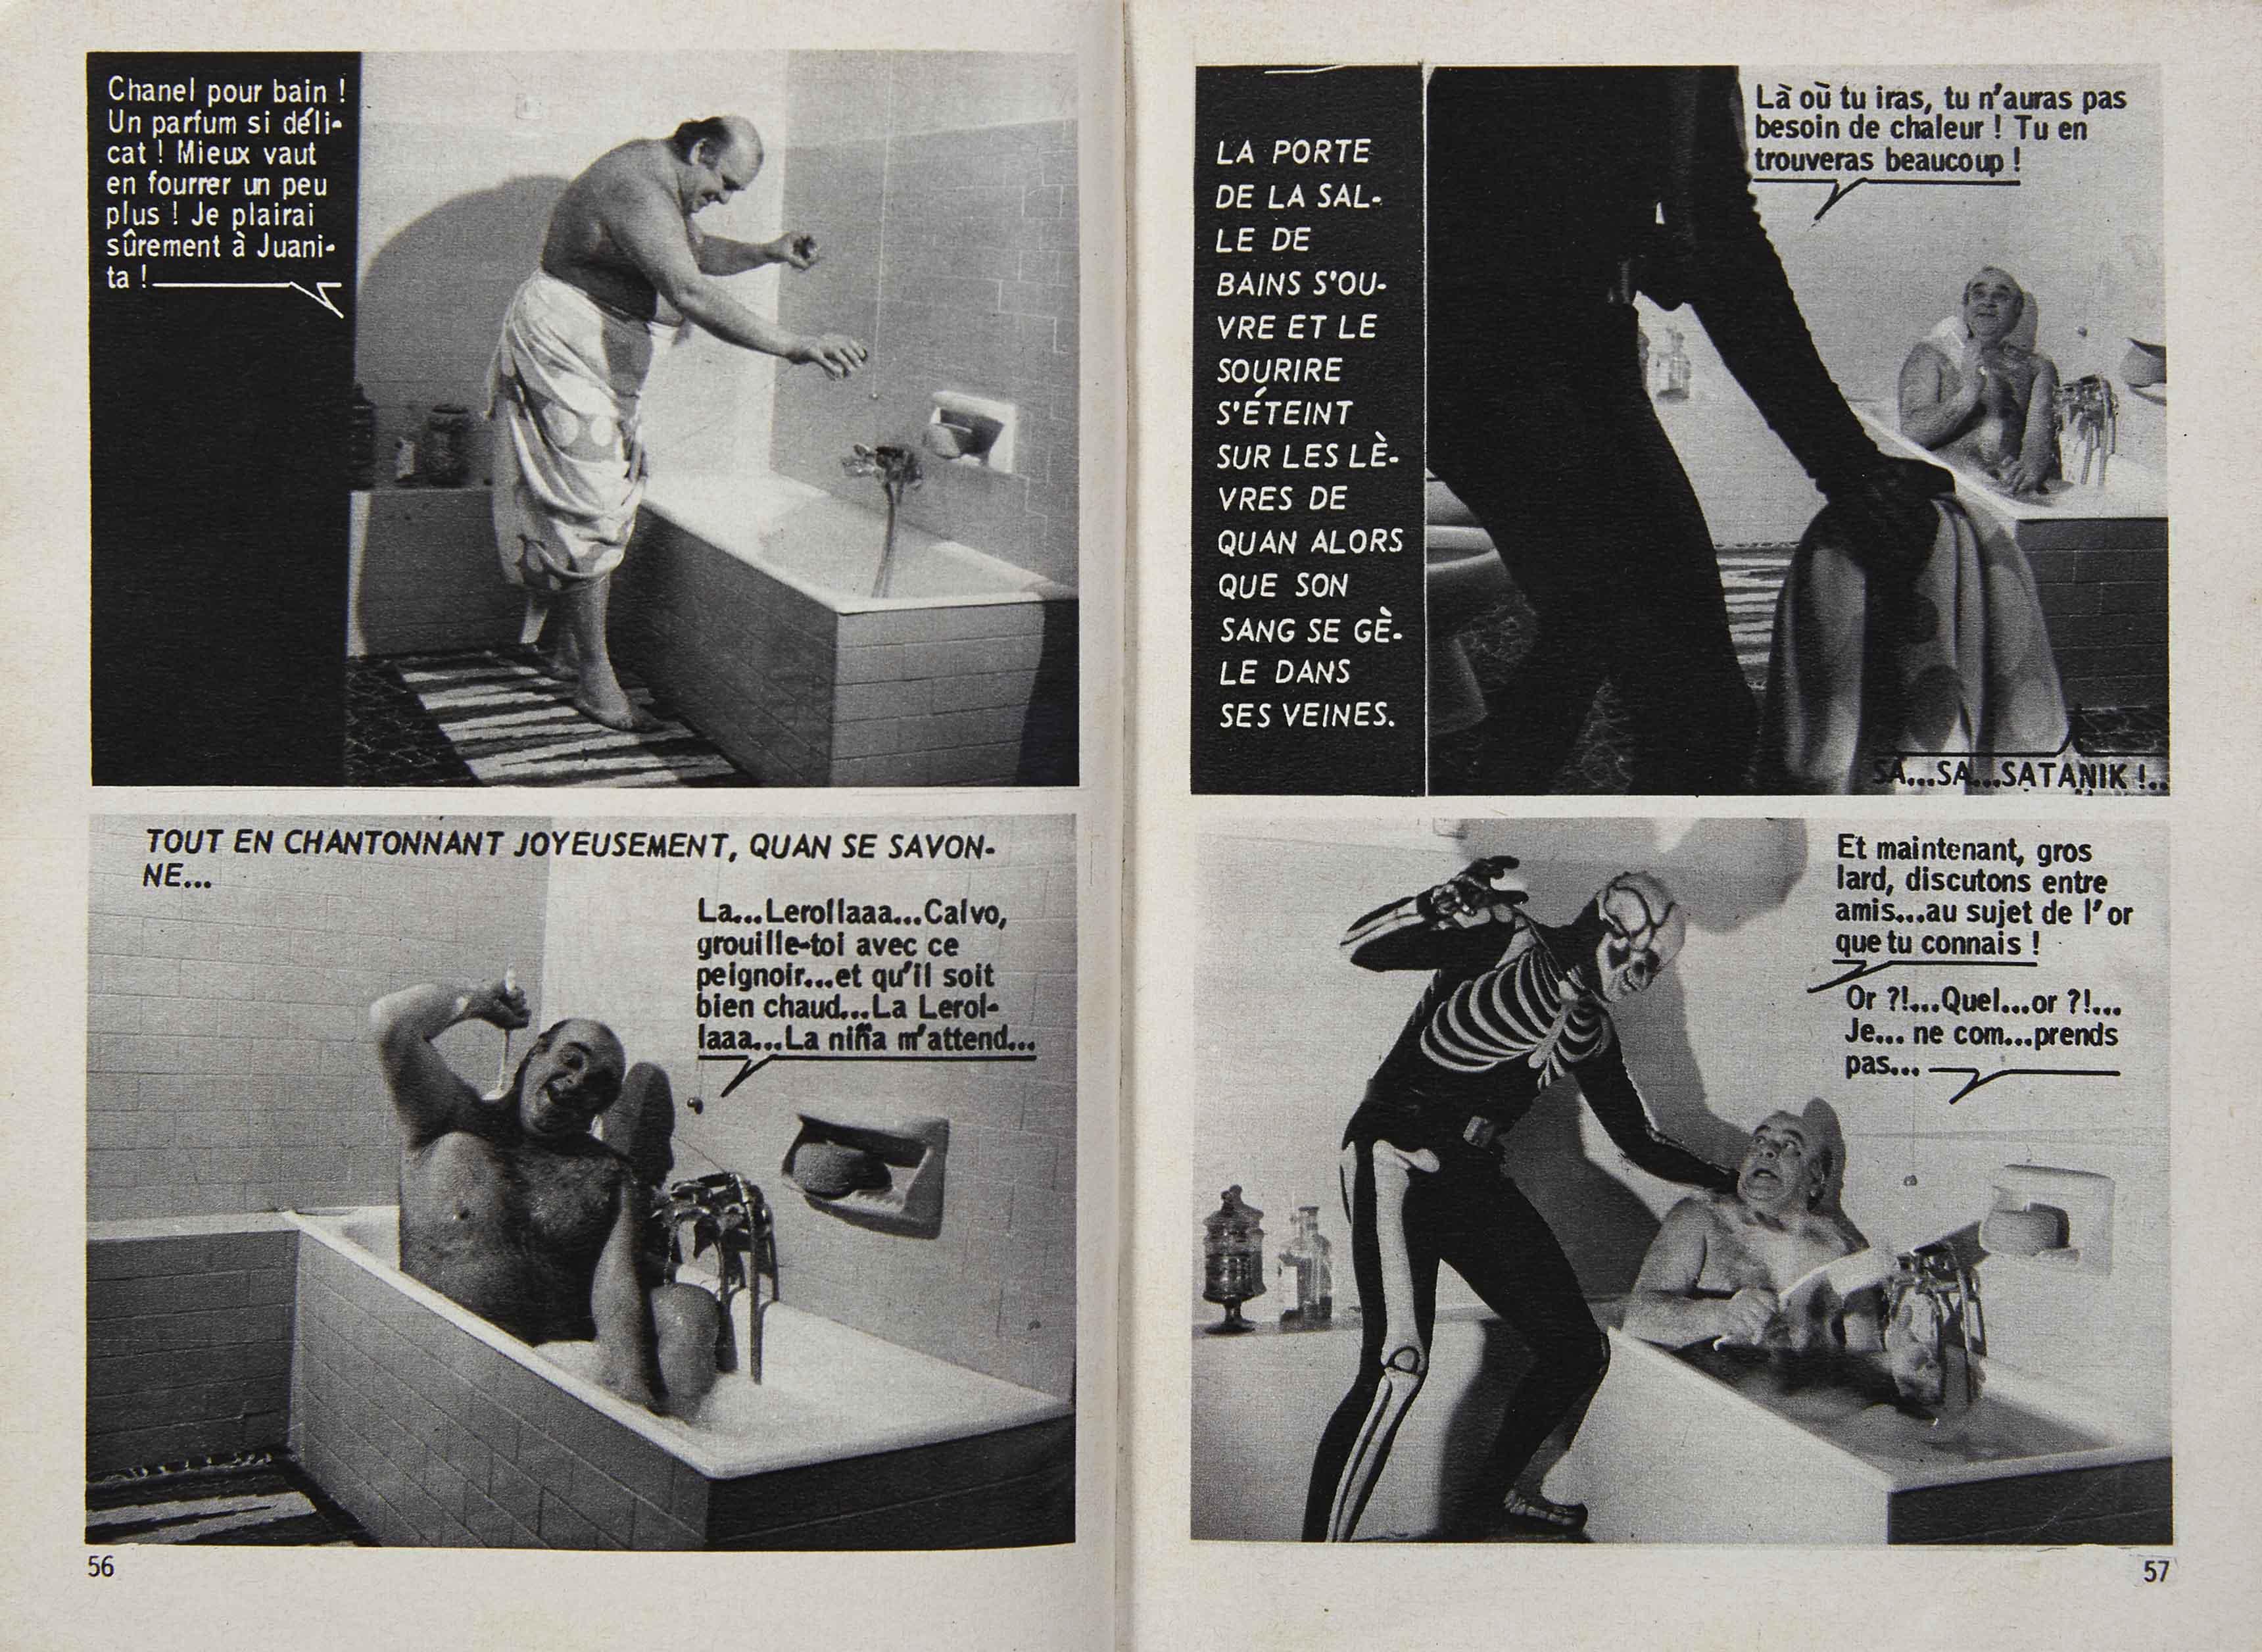 Satanik (1967). Josselin Rocher.